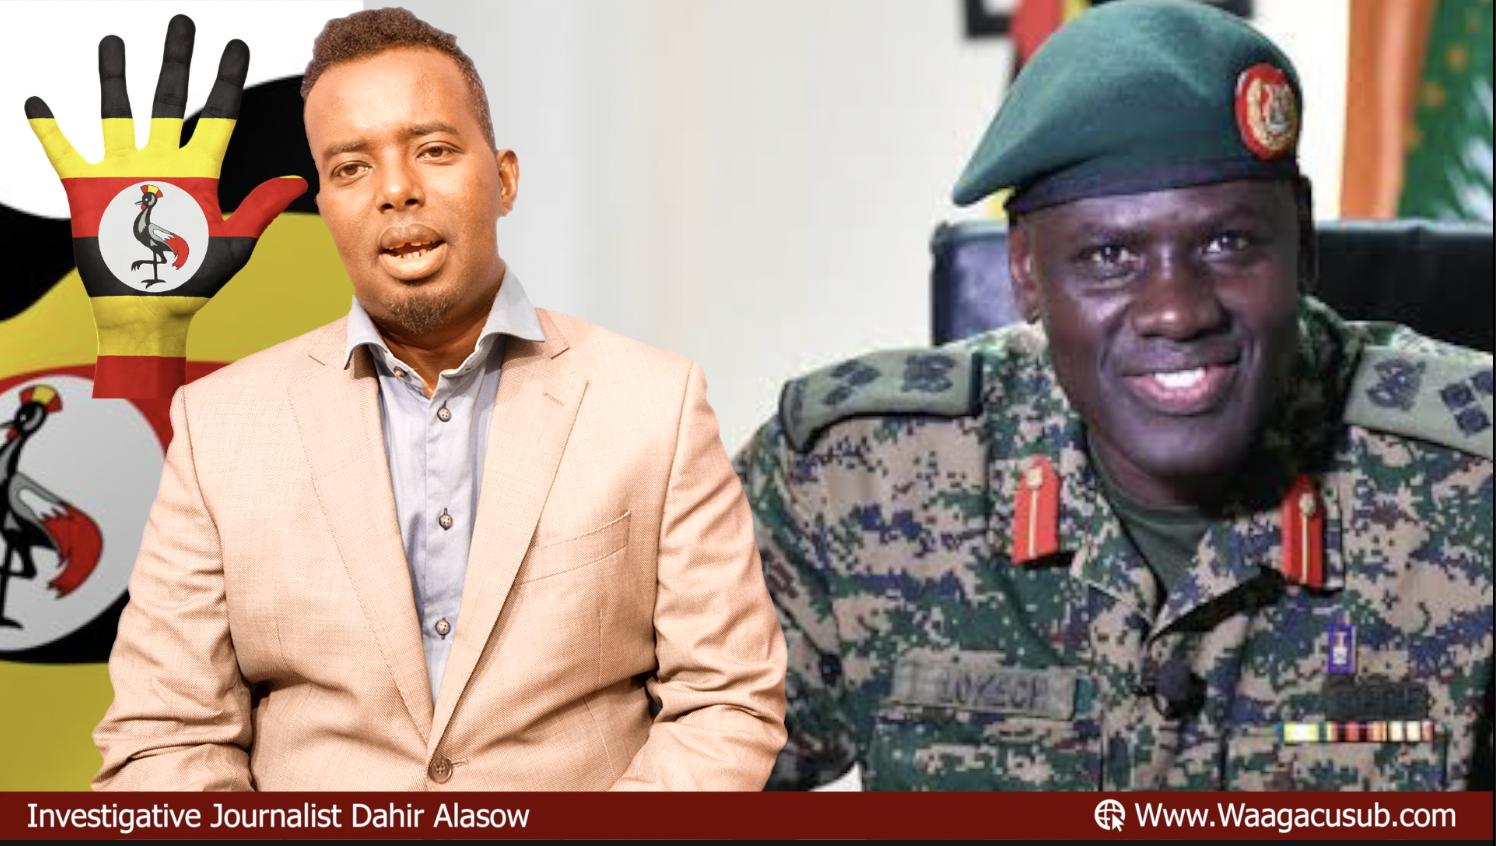 [Daawo] Libaaxii Muqdisho ka xoreeyay Al-Shabaab oo Uganda ku dhintay iyo Saaxiibtinimadiisii Somalida